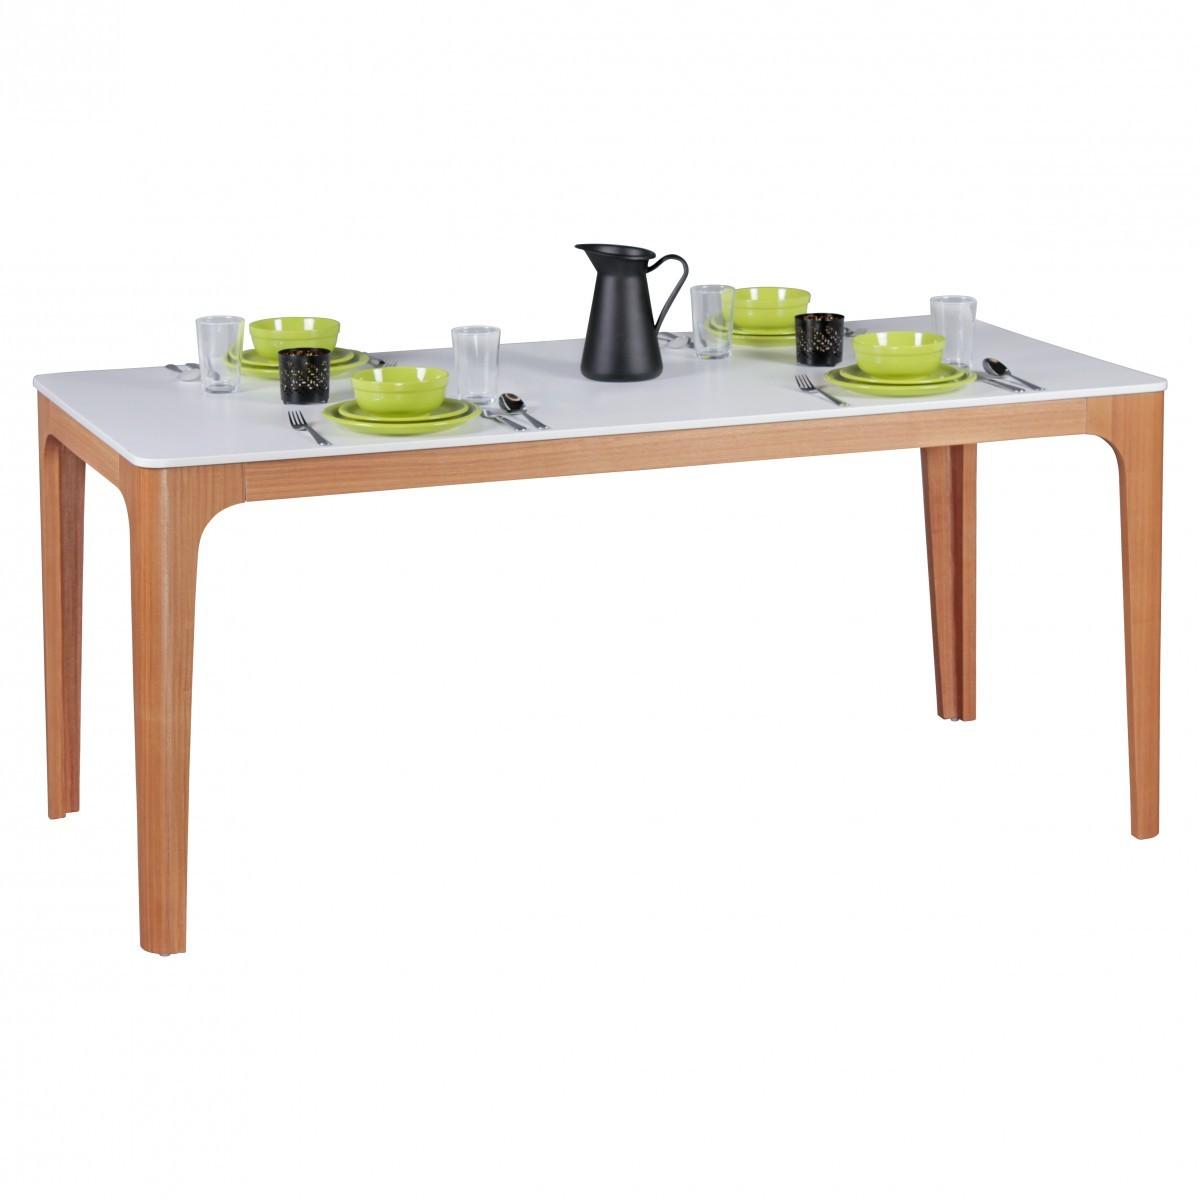 Holztisch Mit Glasplatte Schützen